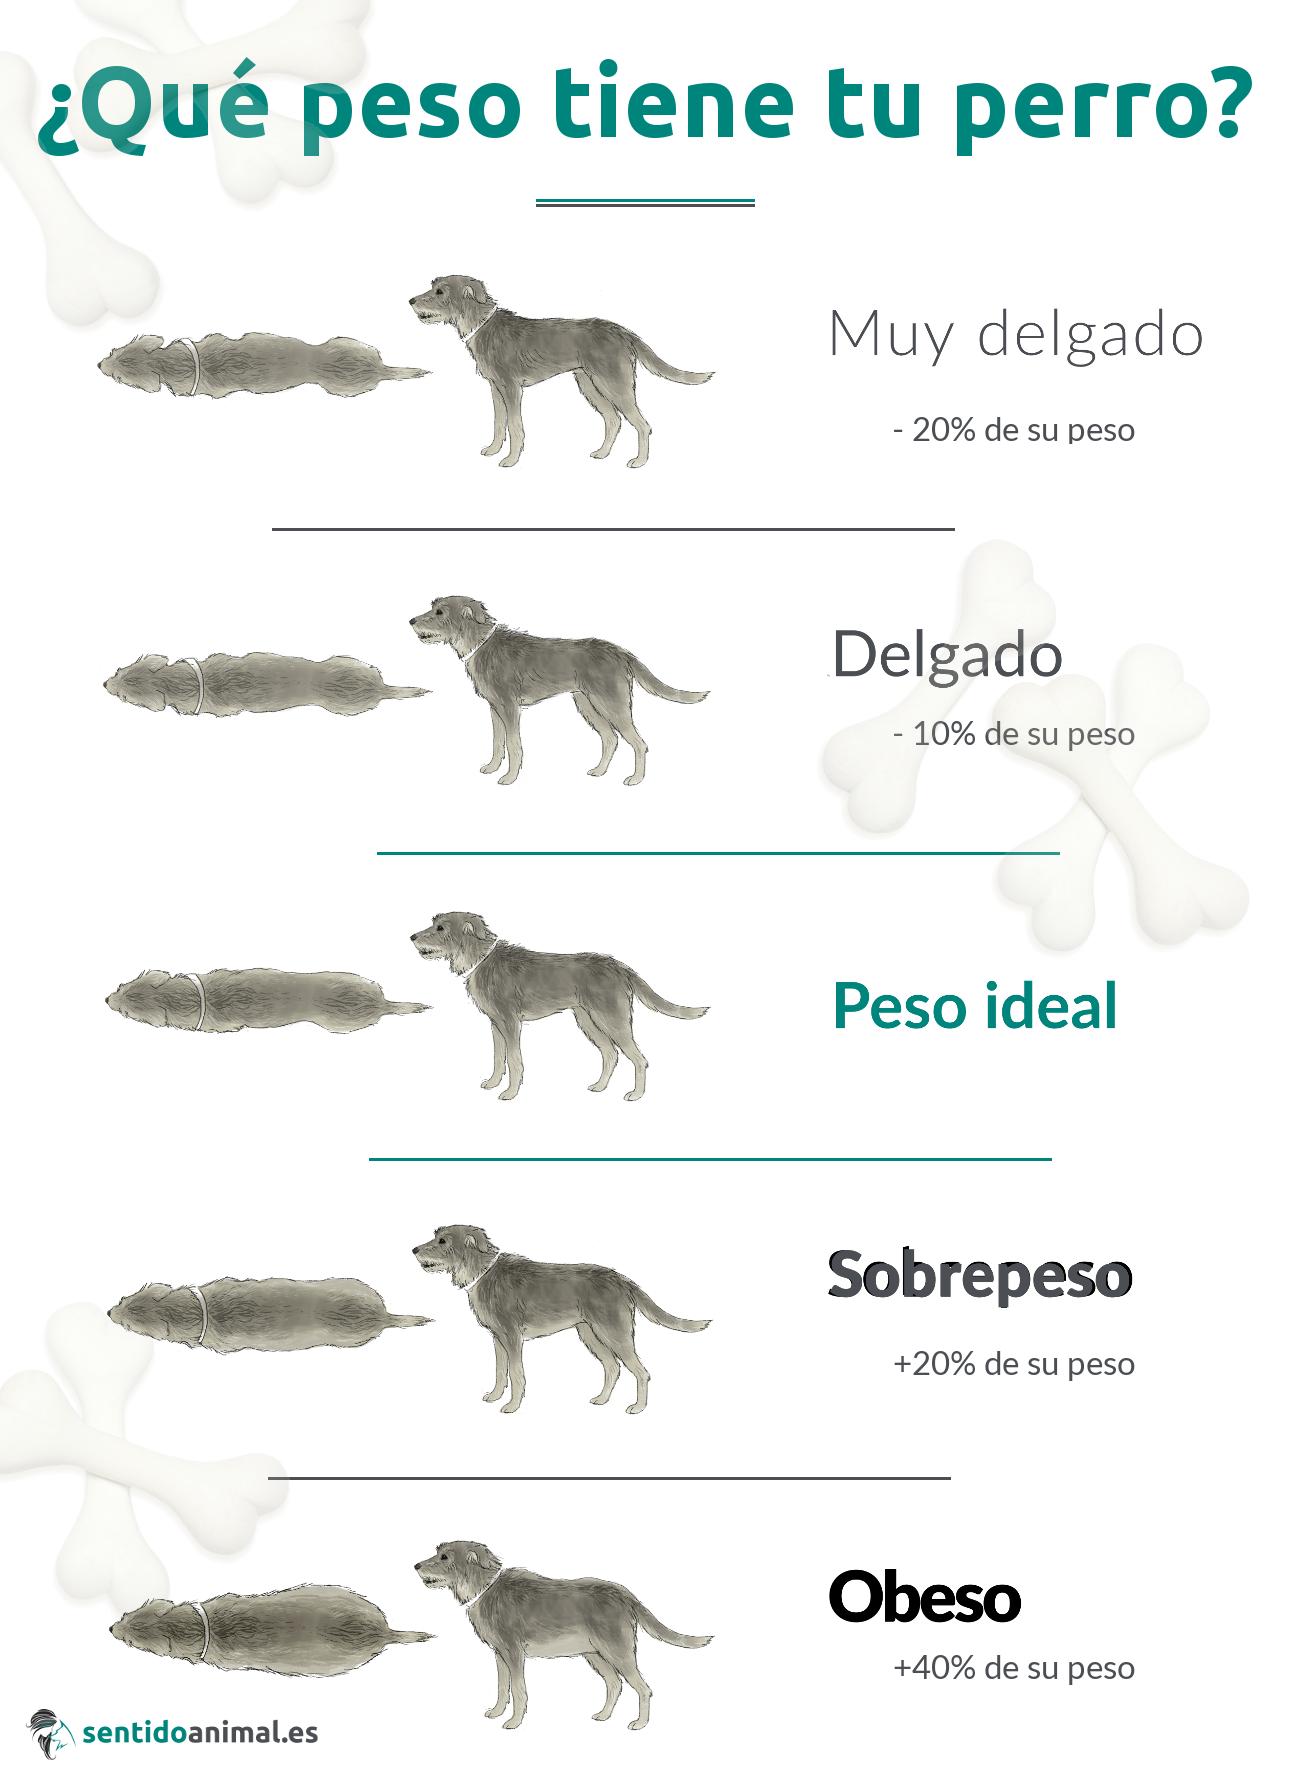 Pesos ideal de los perros